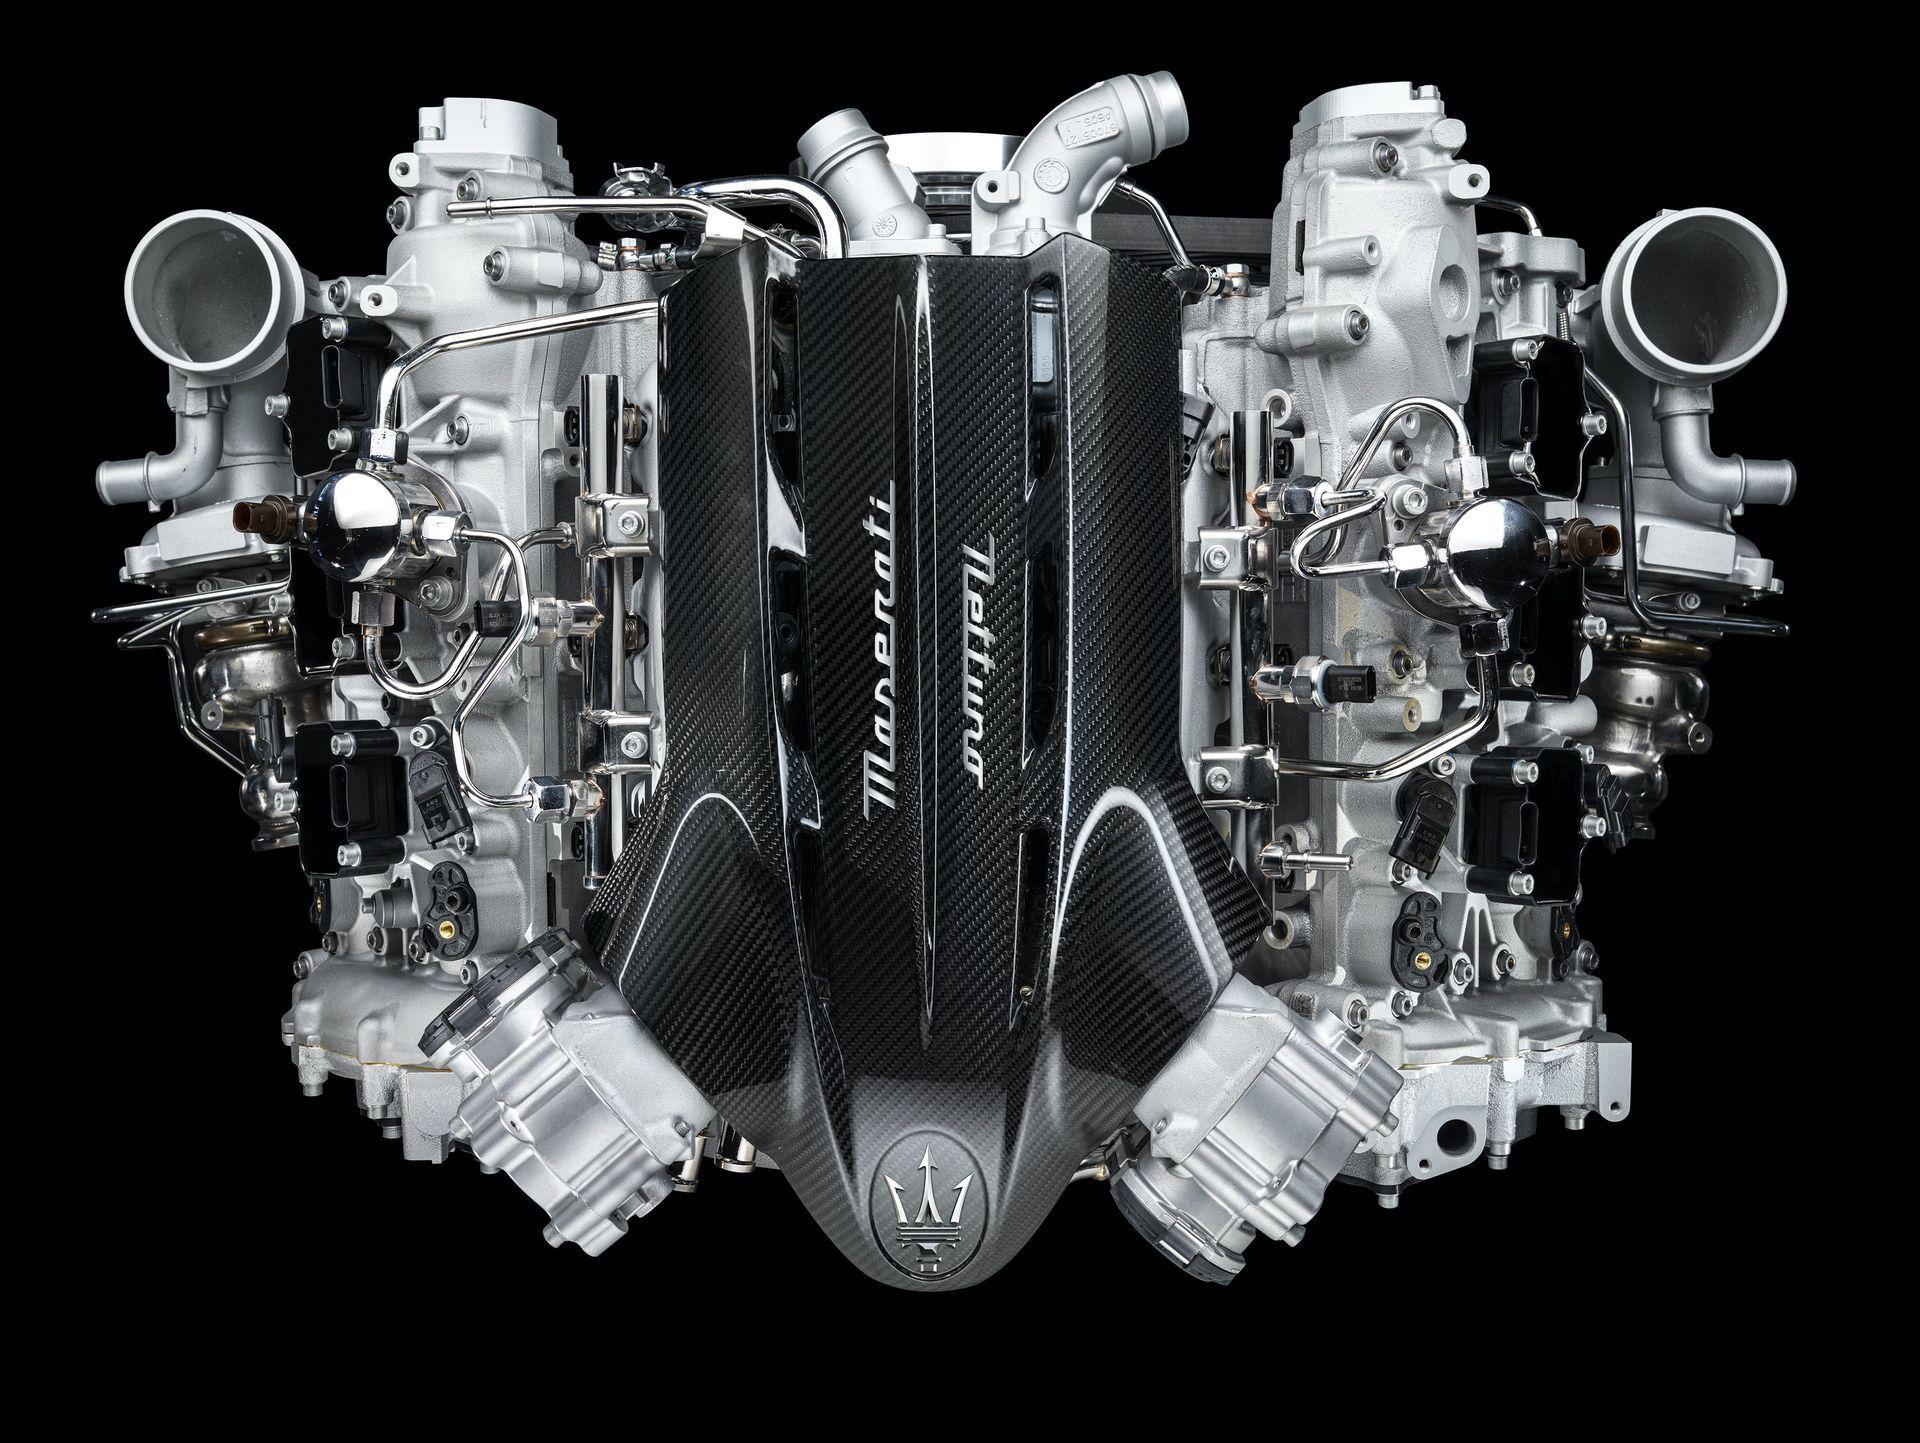 Maserati_Nettuno_engine_0008